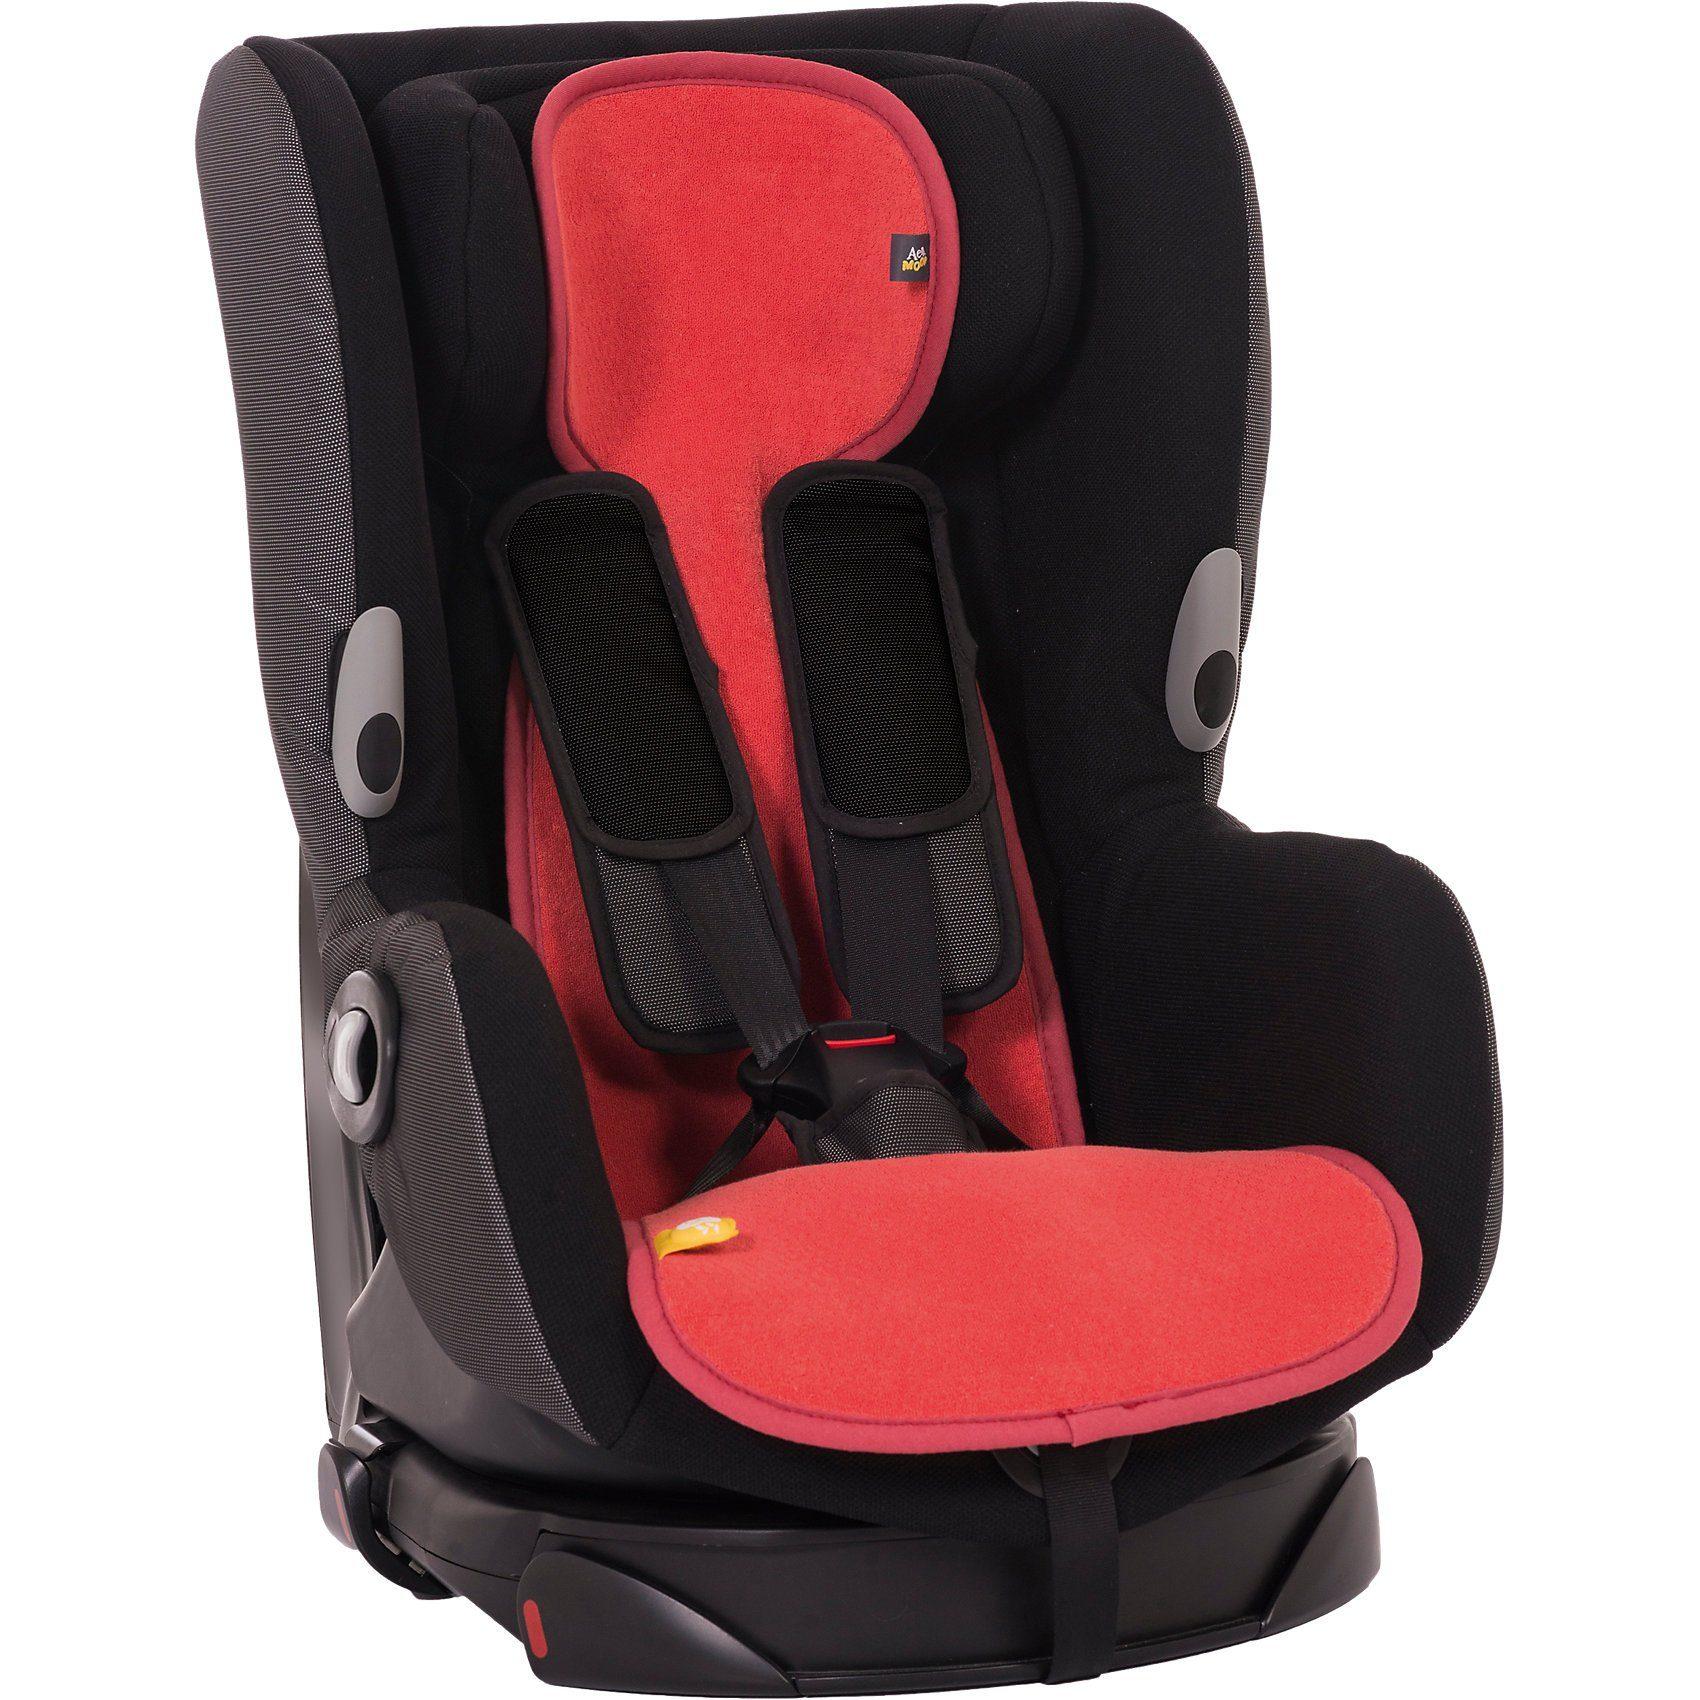 Sitzeinlage AeroMoov air layer für Auto-Kindersitz Gr. 1, Ko